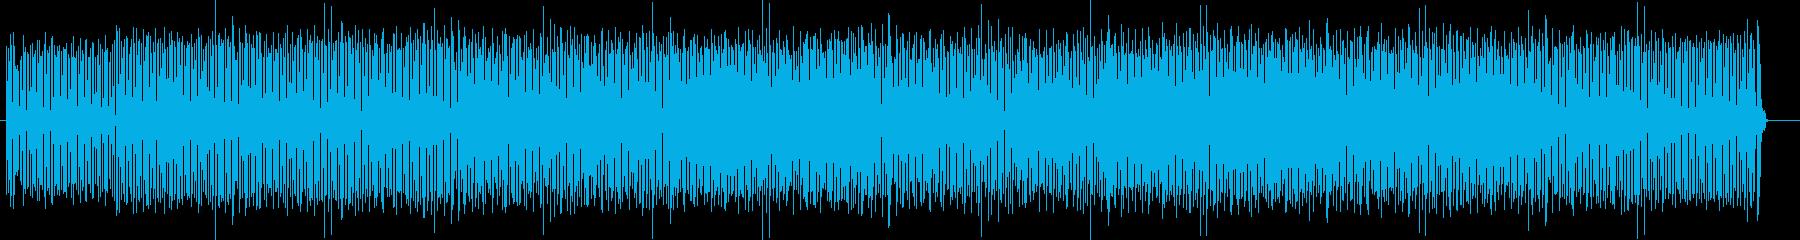 シンセサイザーによるキュートなポップスの再生済みの波形